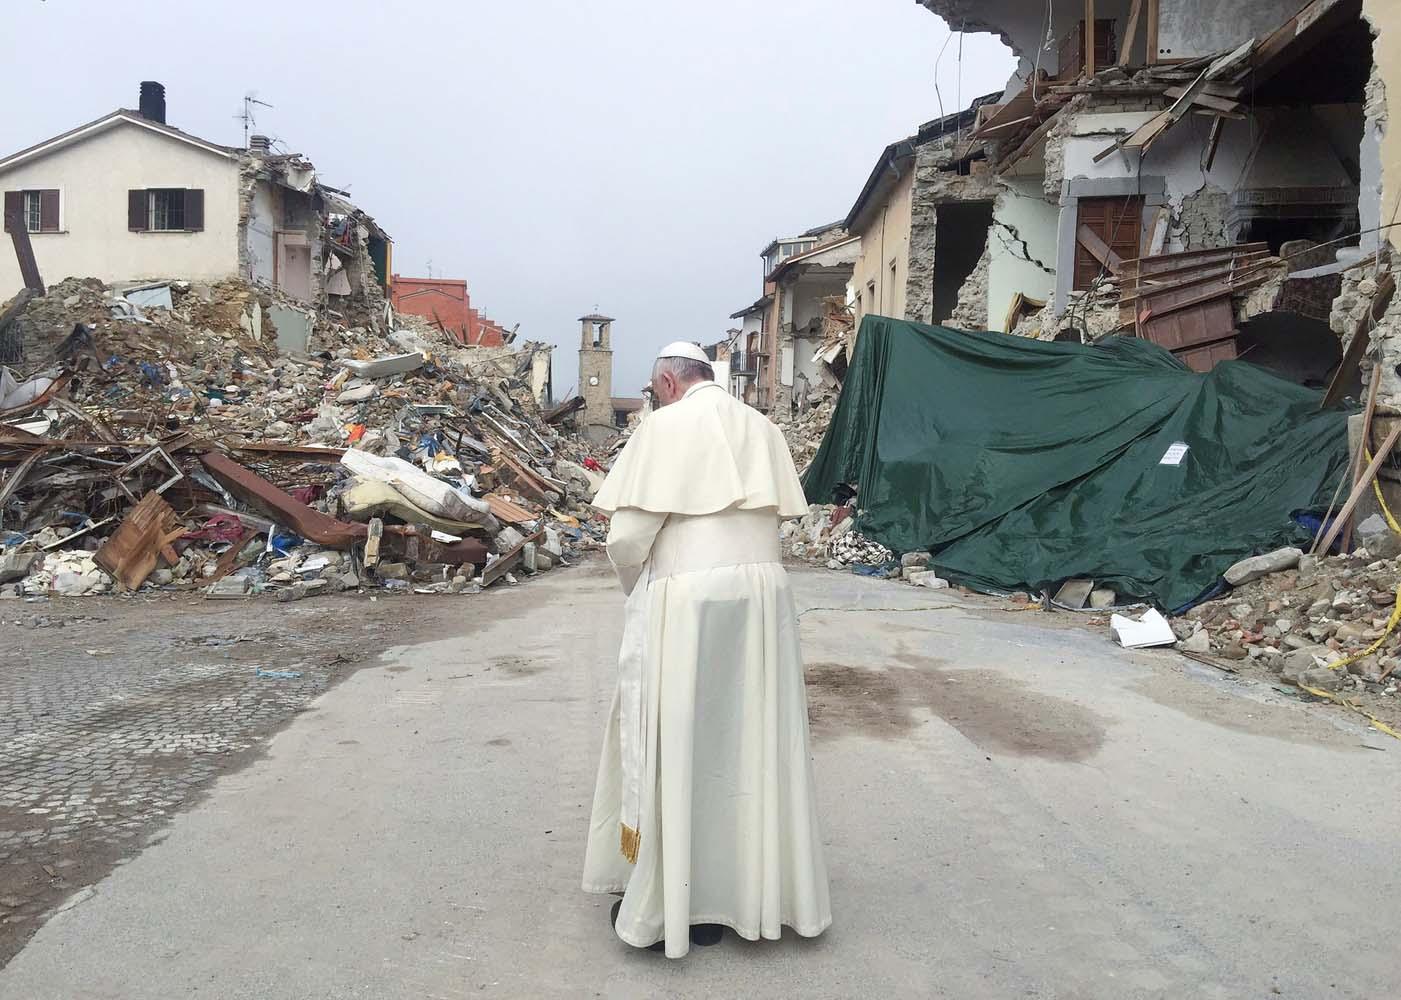 2016-10-04T094843Z_1874246857_S1BEUEZYOHAA_RTRMADP_3_ITALY-QUAKE-POPE